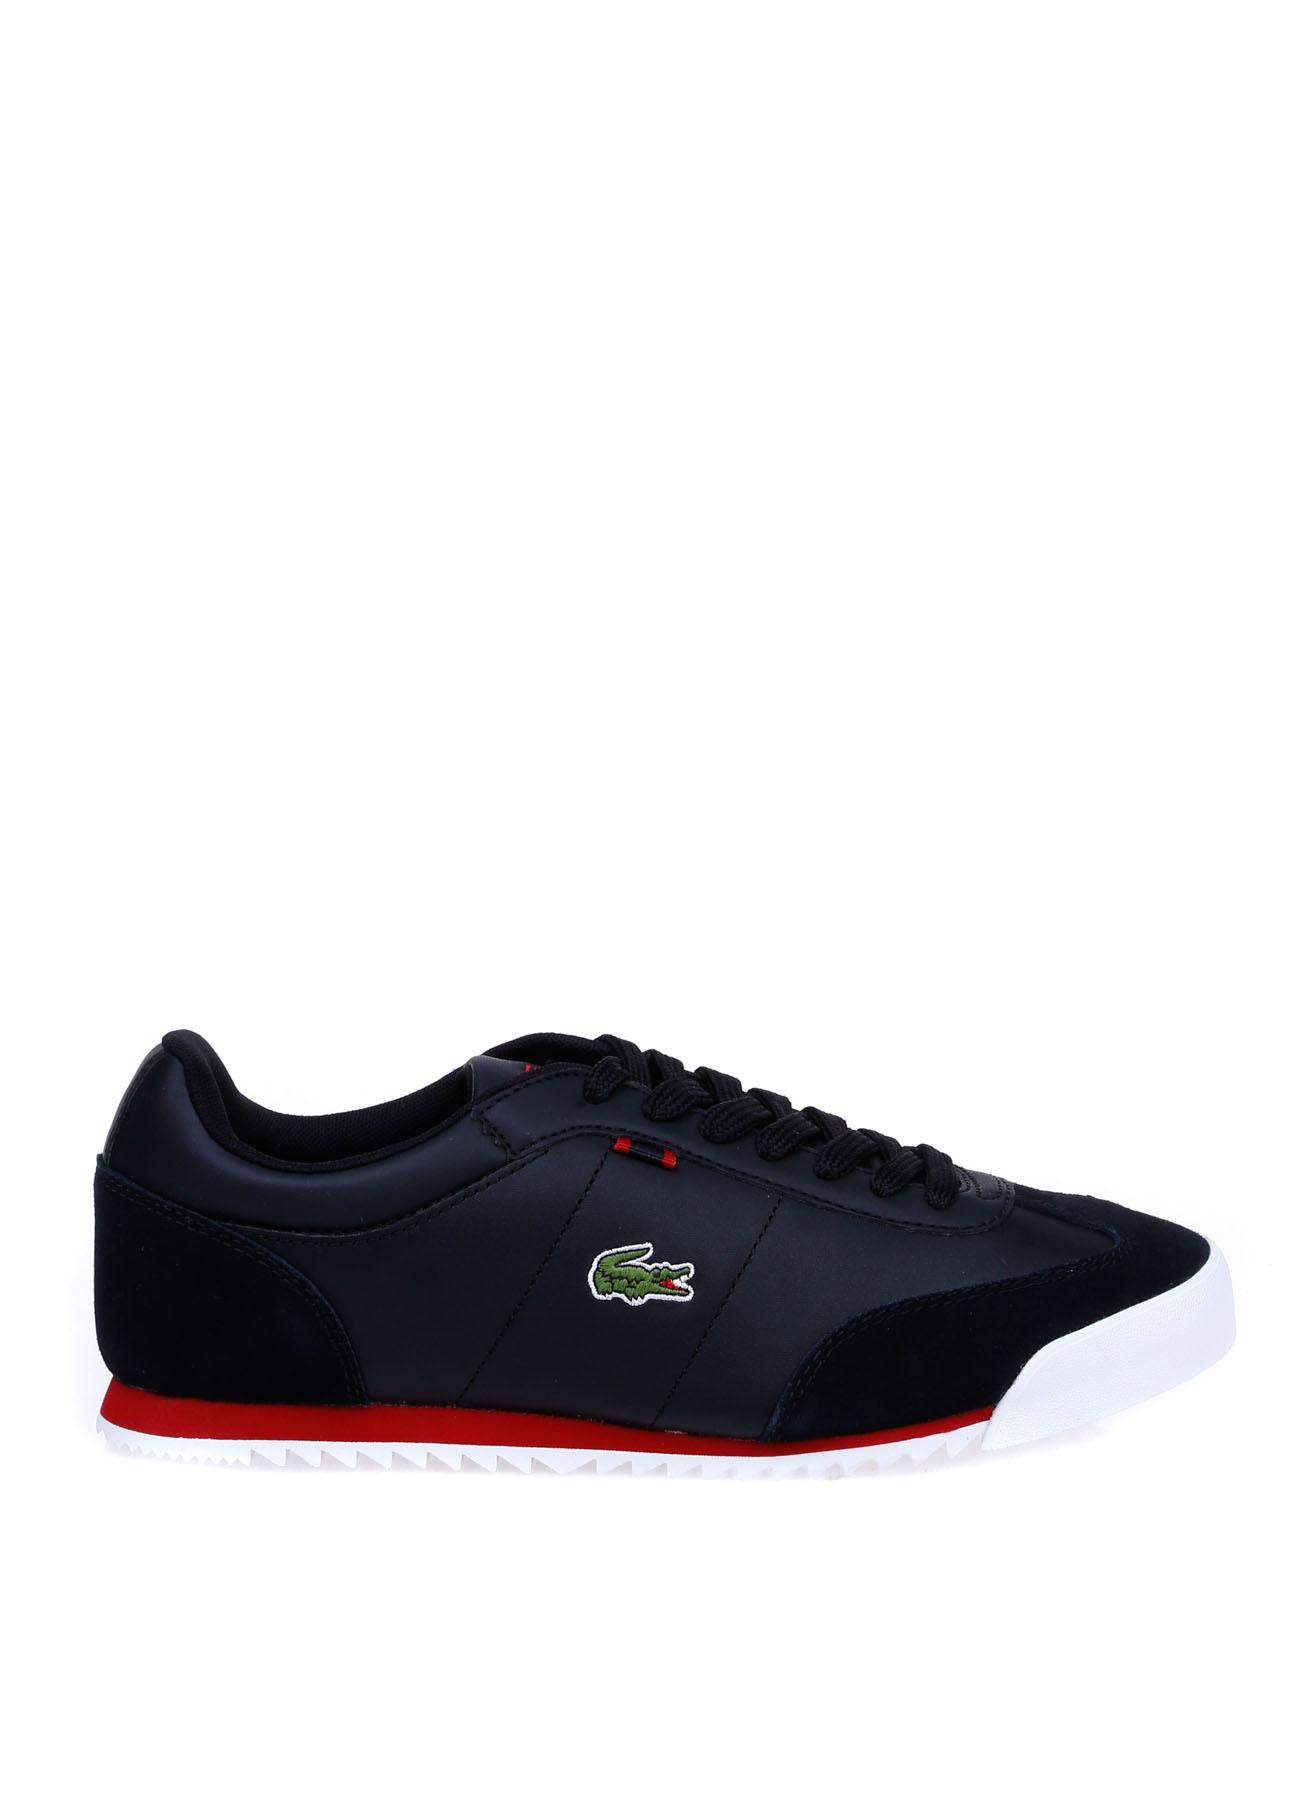 Lacoste Erkek Deri Siyah Lifestyle Ayakkabı 45 5002314214001 Ürün Resmi